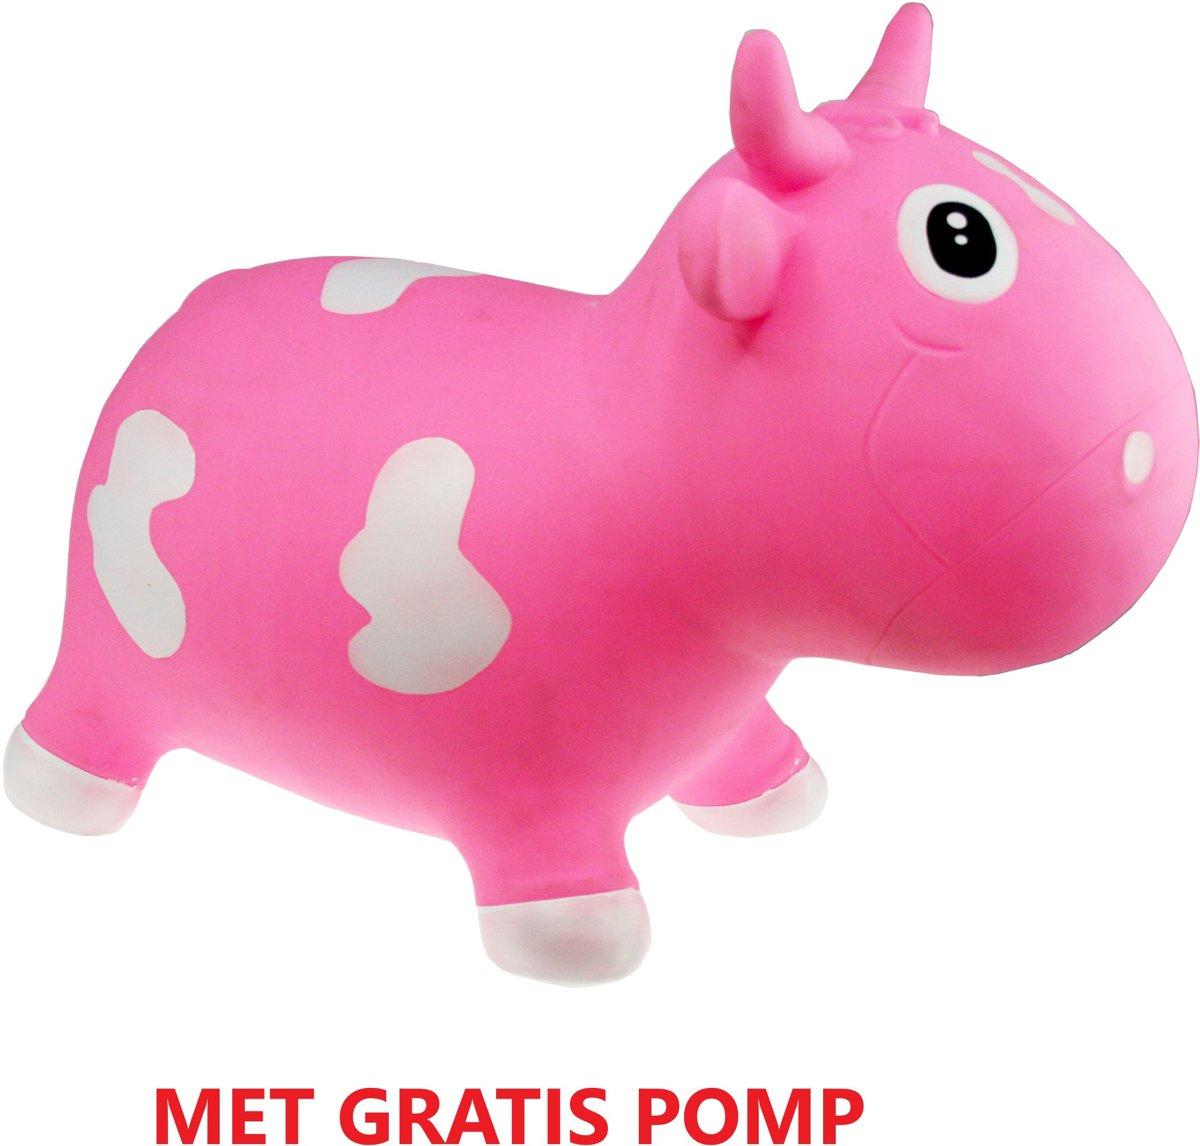 Kidzz Farm - Skippydier - Koe - Roze - Inclusief pomp!